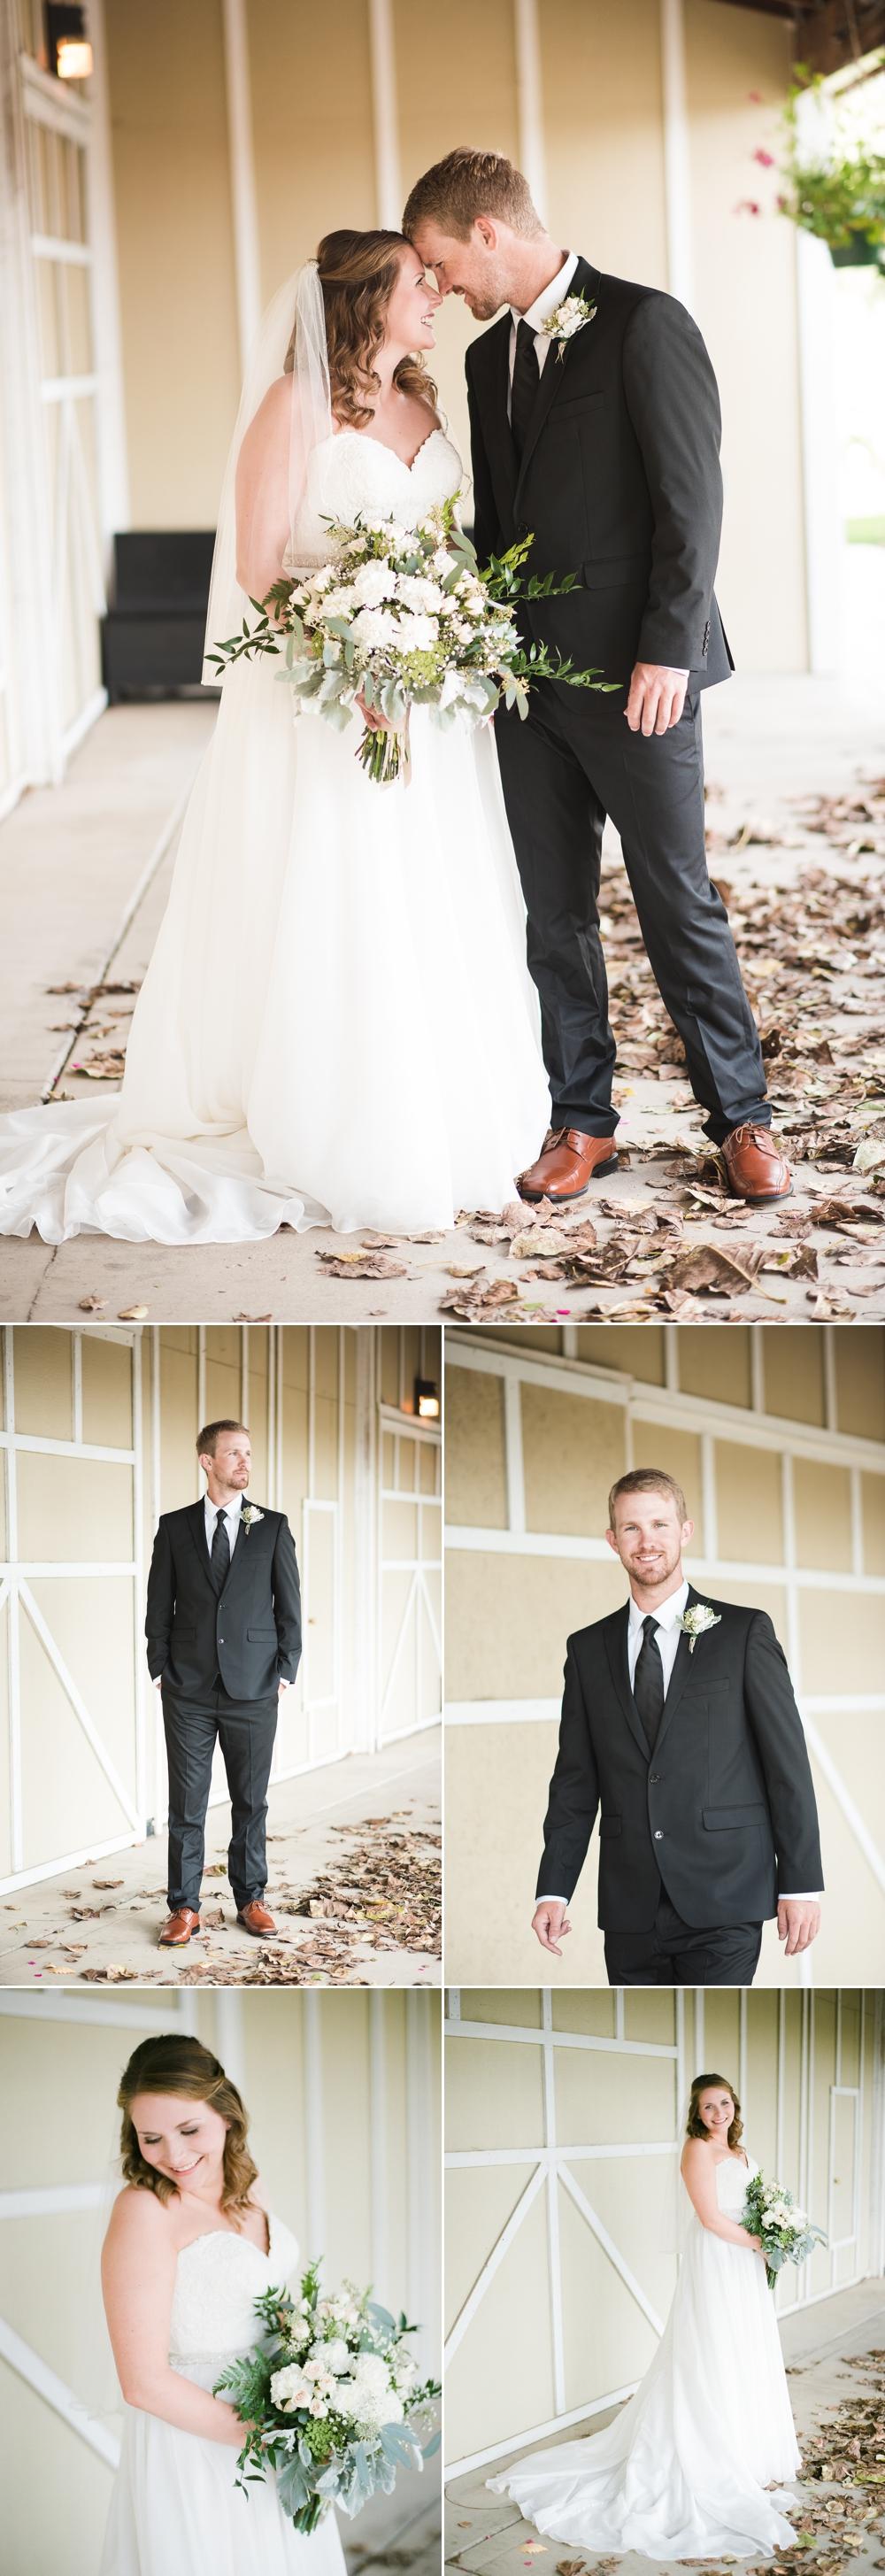 Sophia + Rodney Wedding 10.jpg